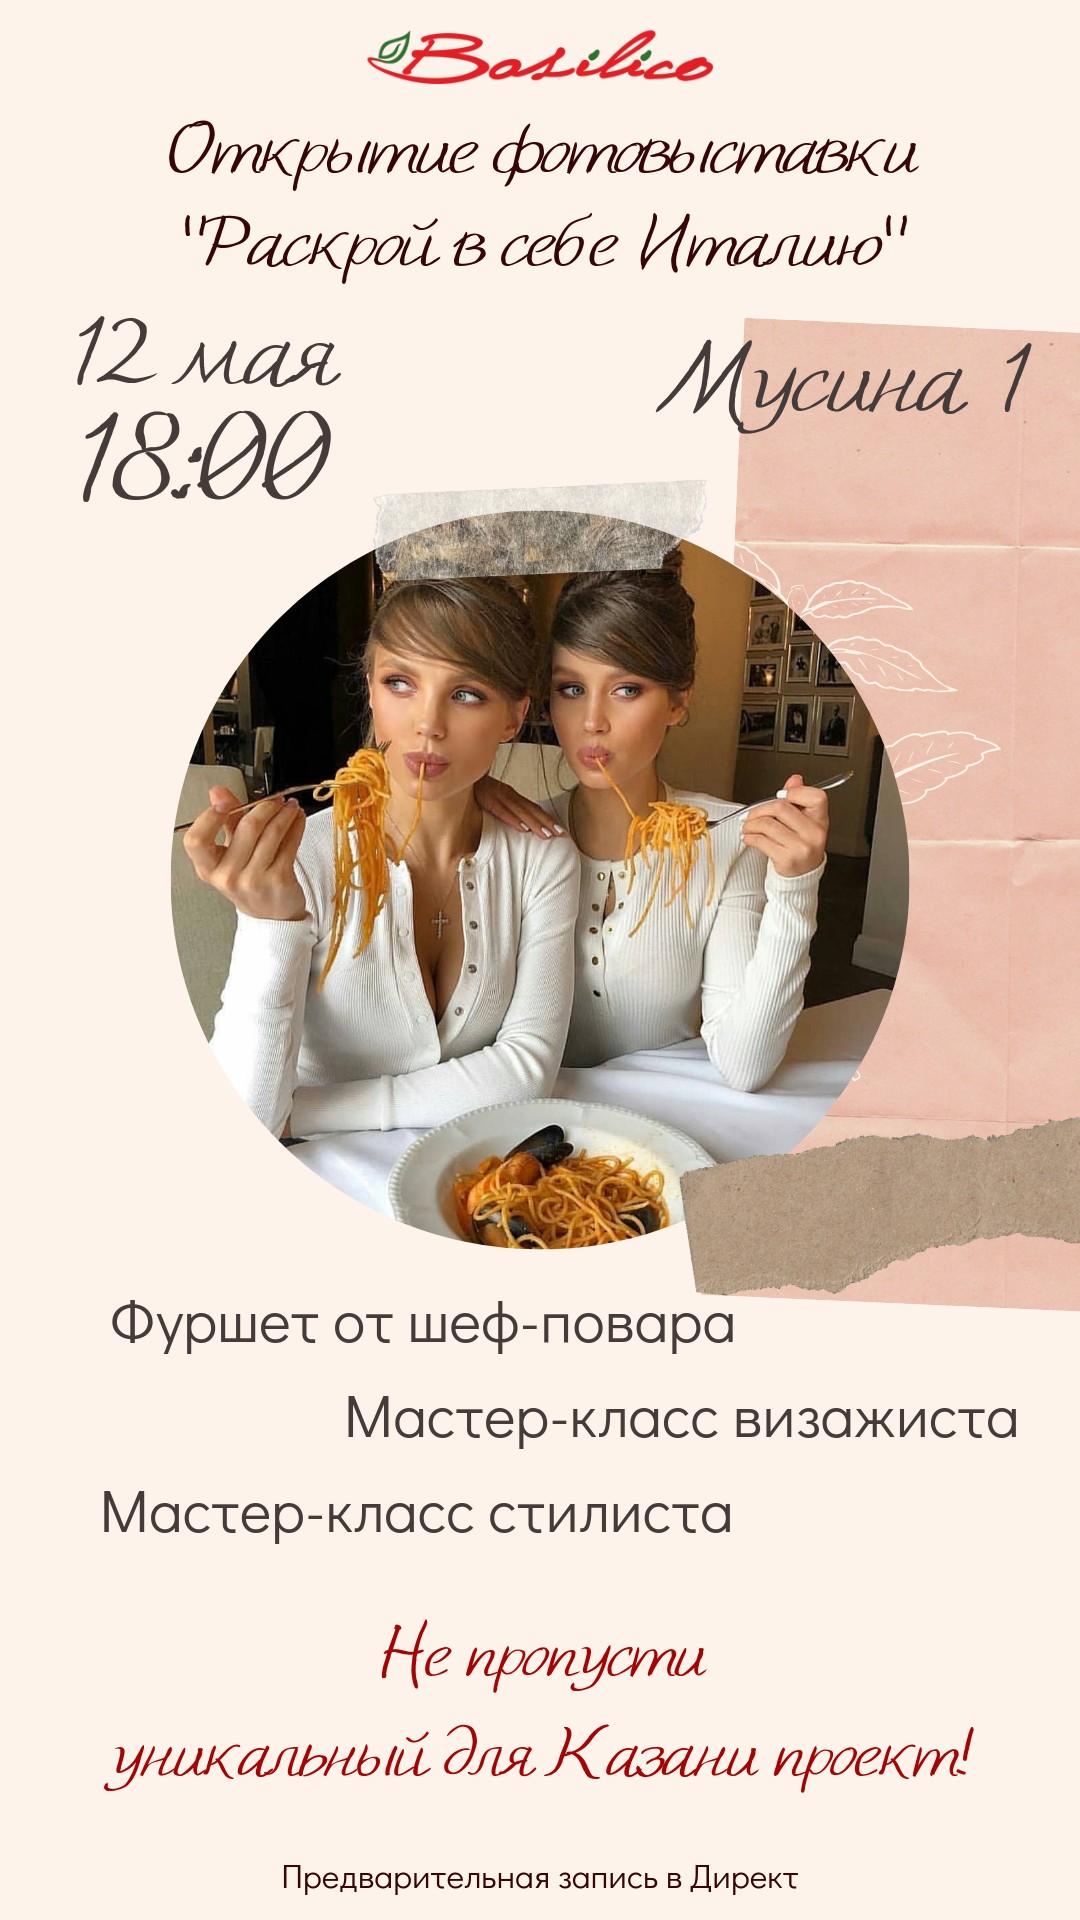 Пиццерия, ресторан «Basilico» - Вконтакте